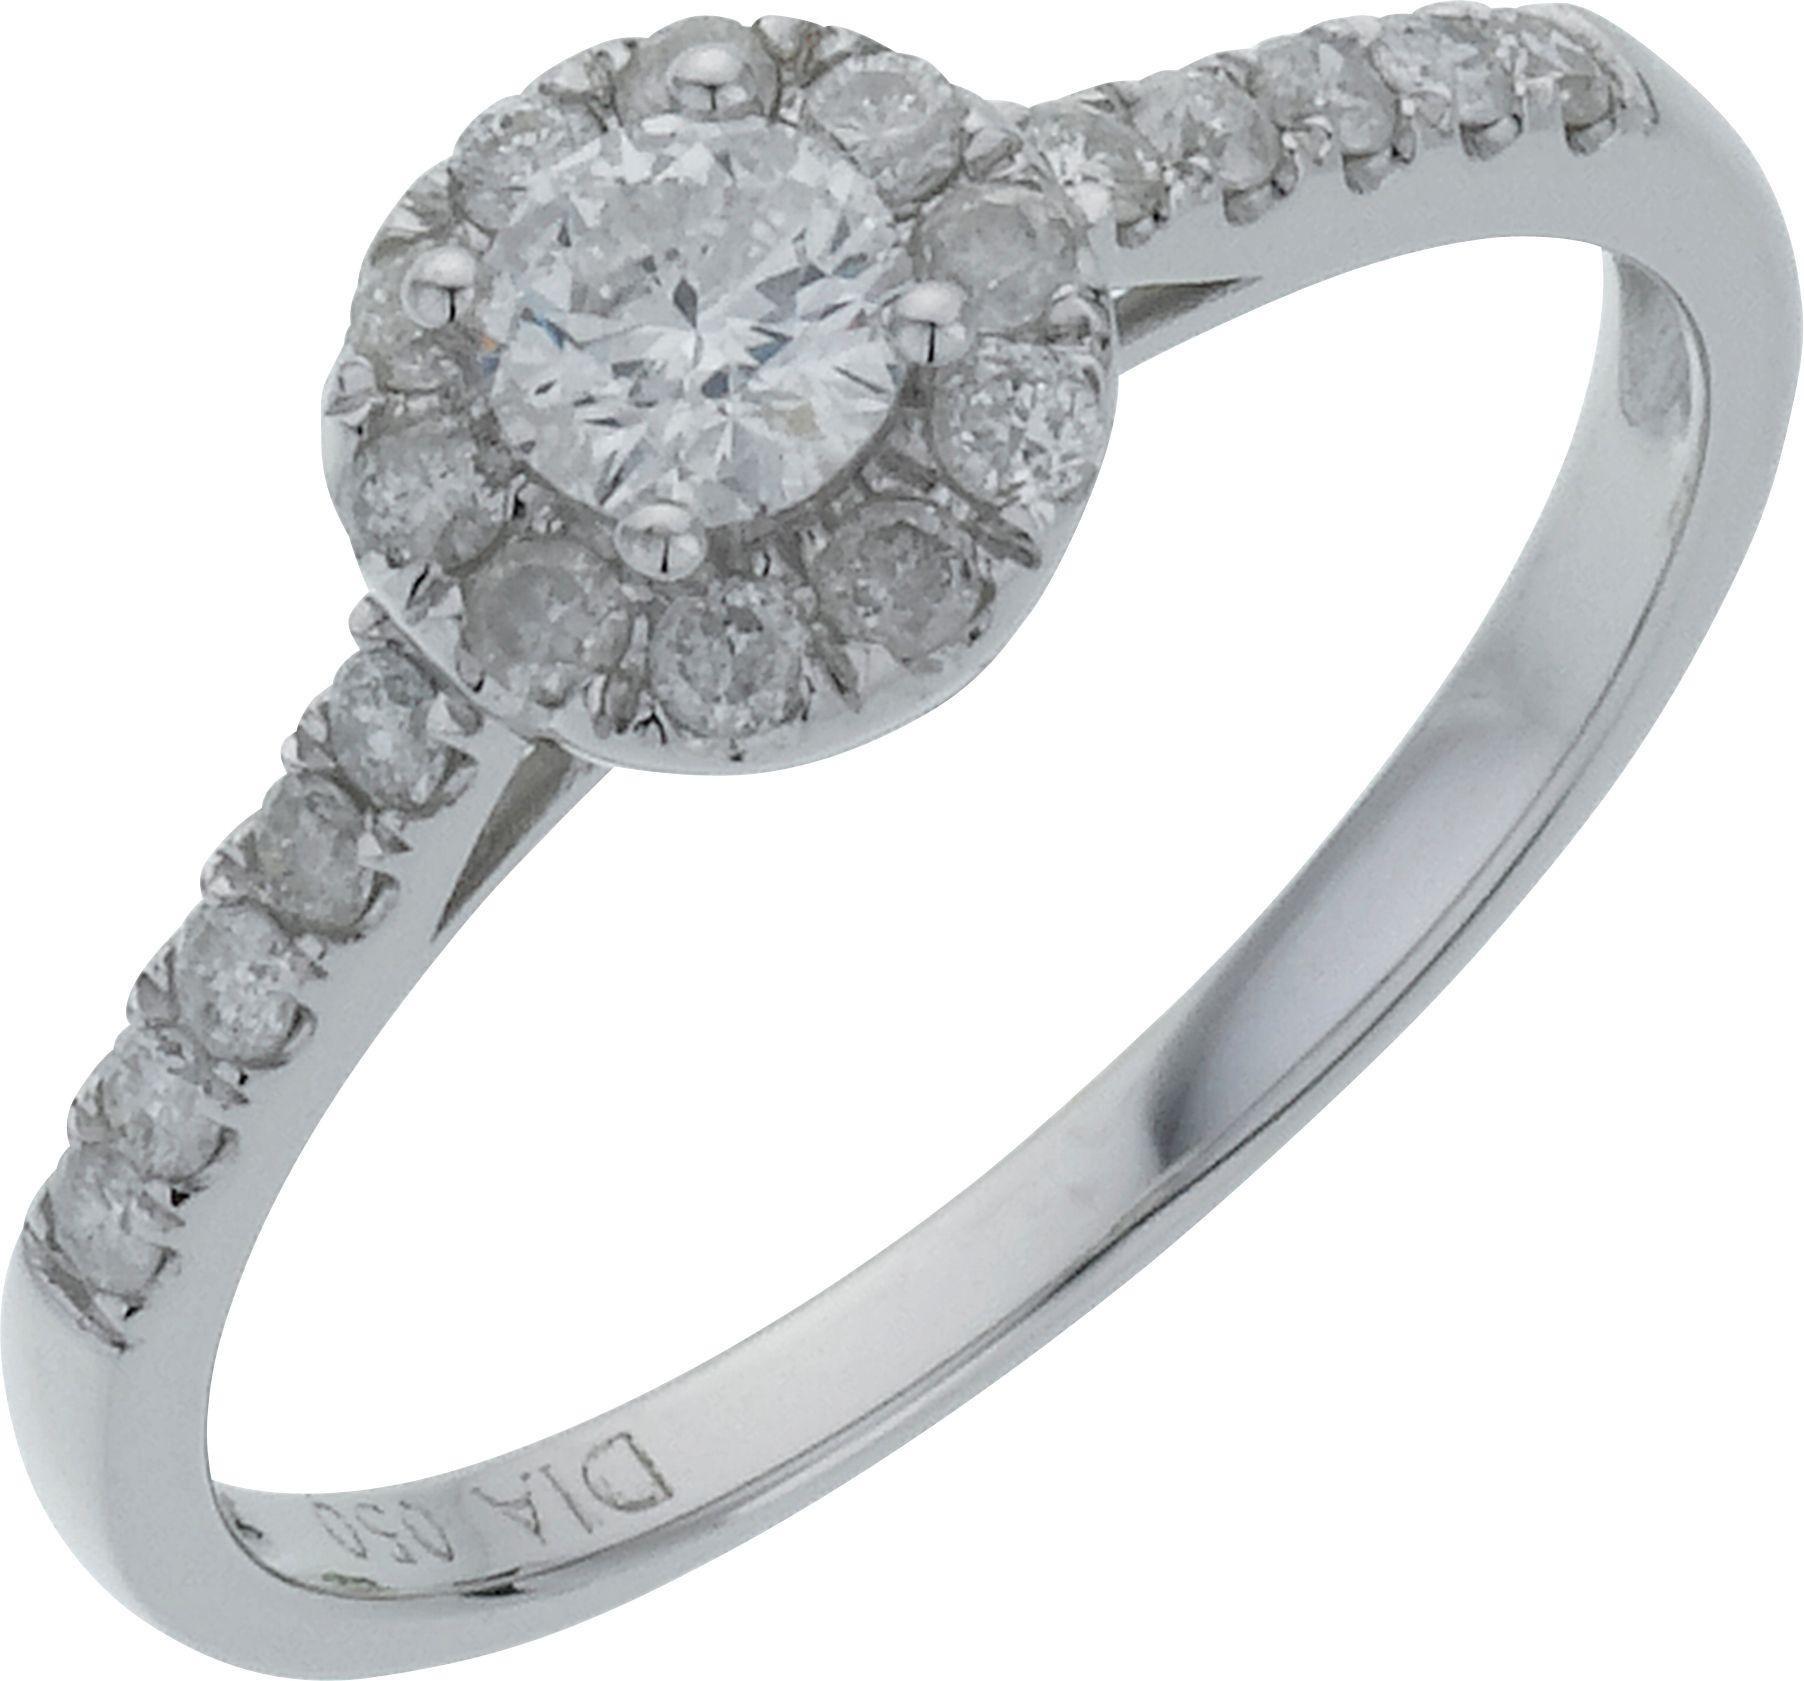 18 Carat White Gold 05 Carat Round Diamond - Halo Ring